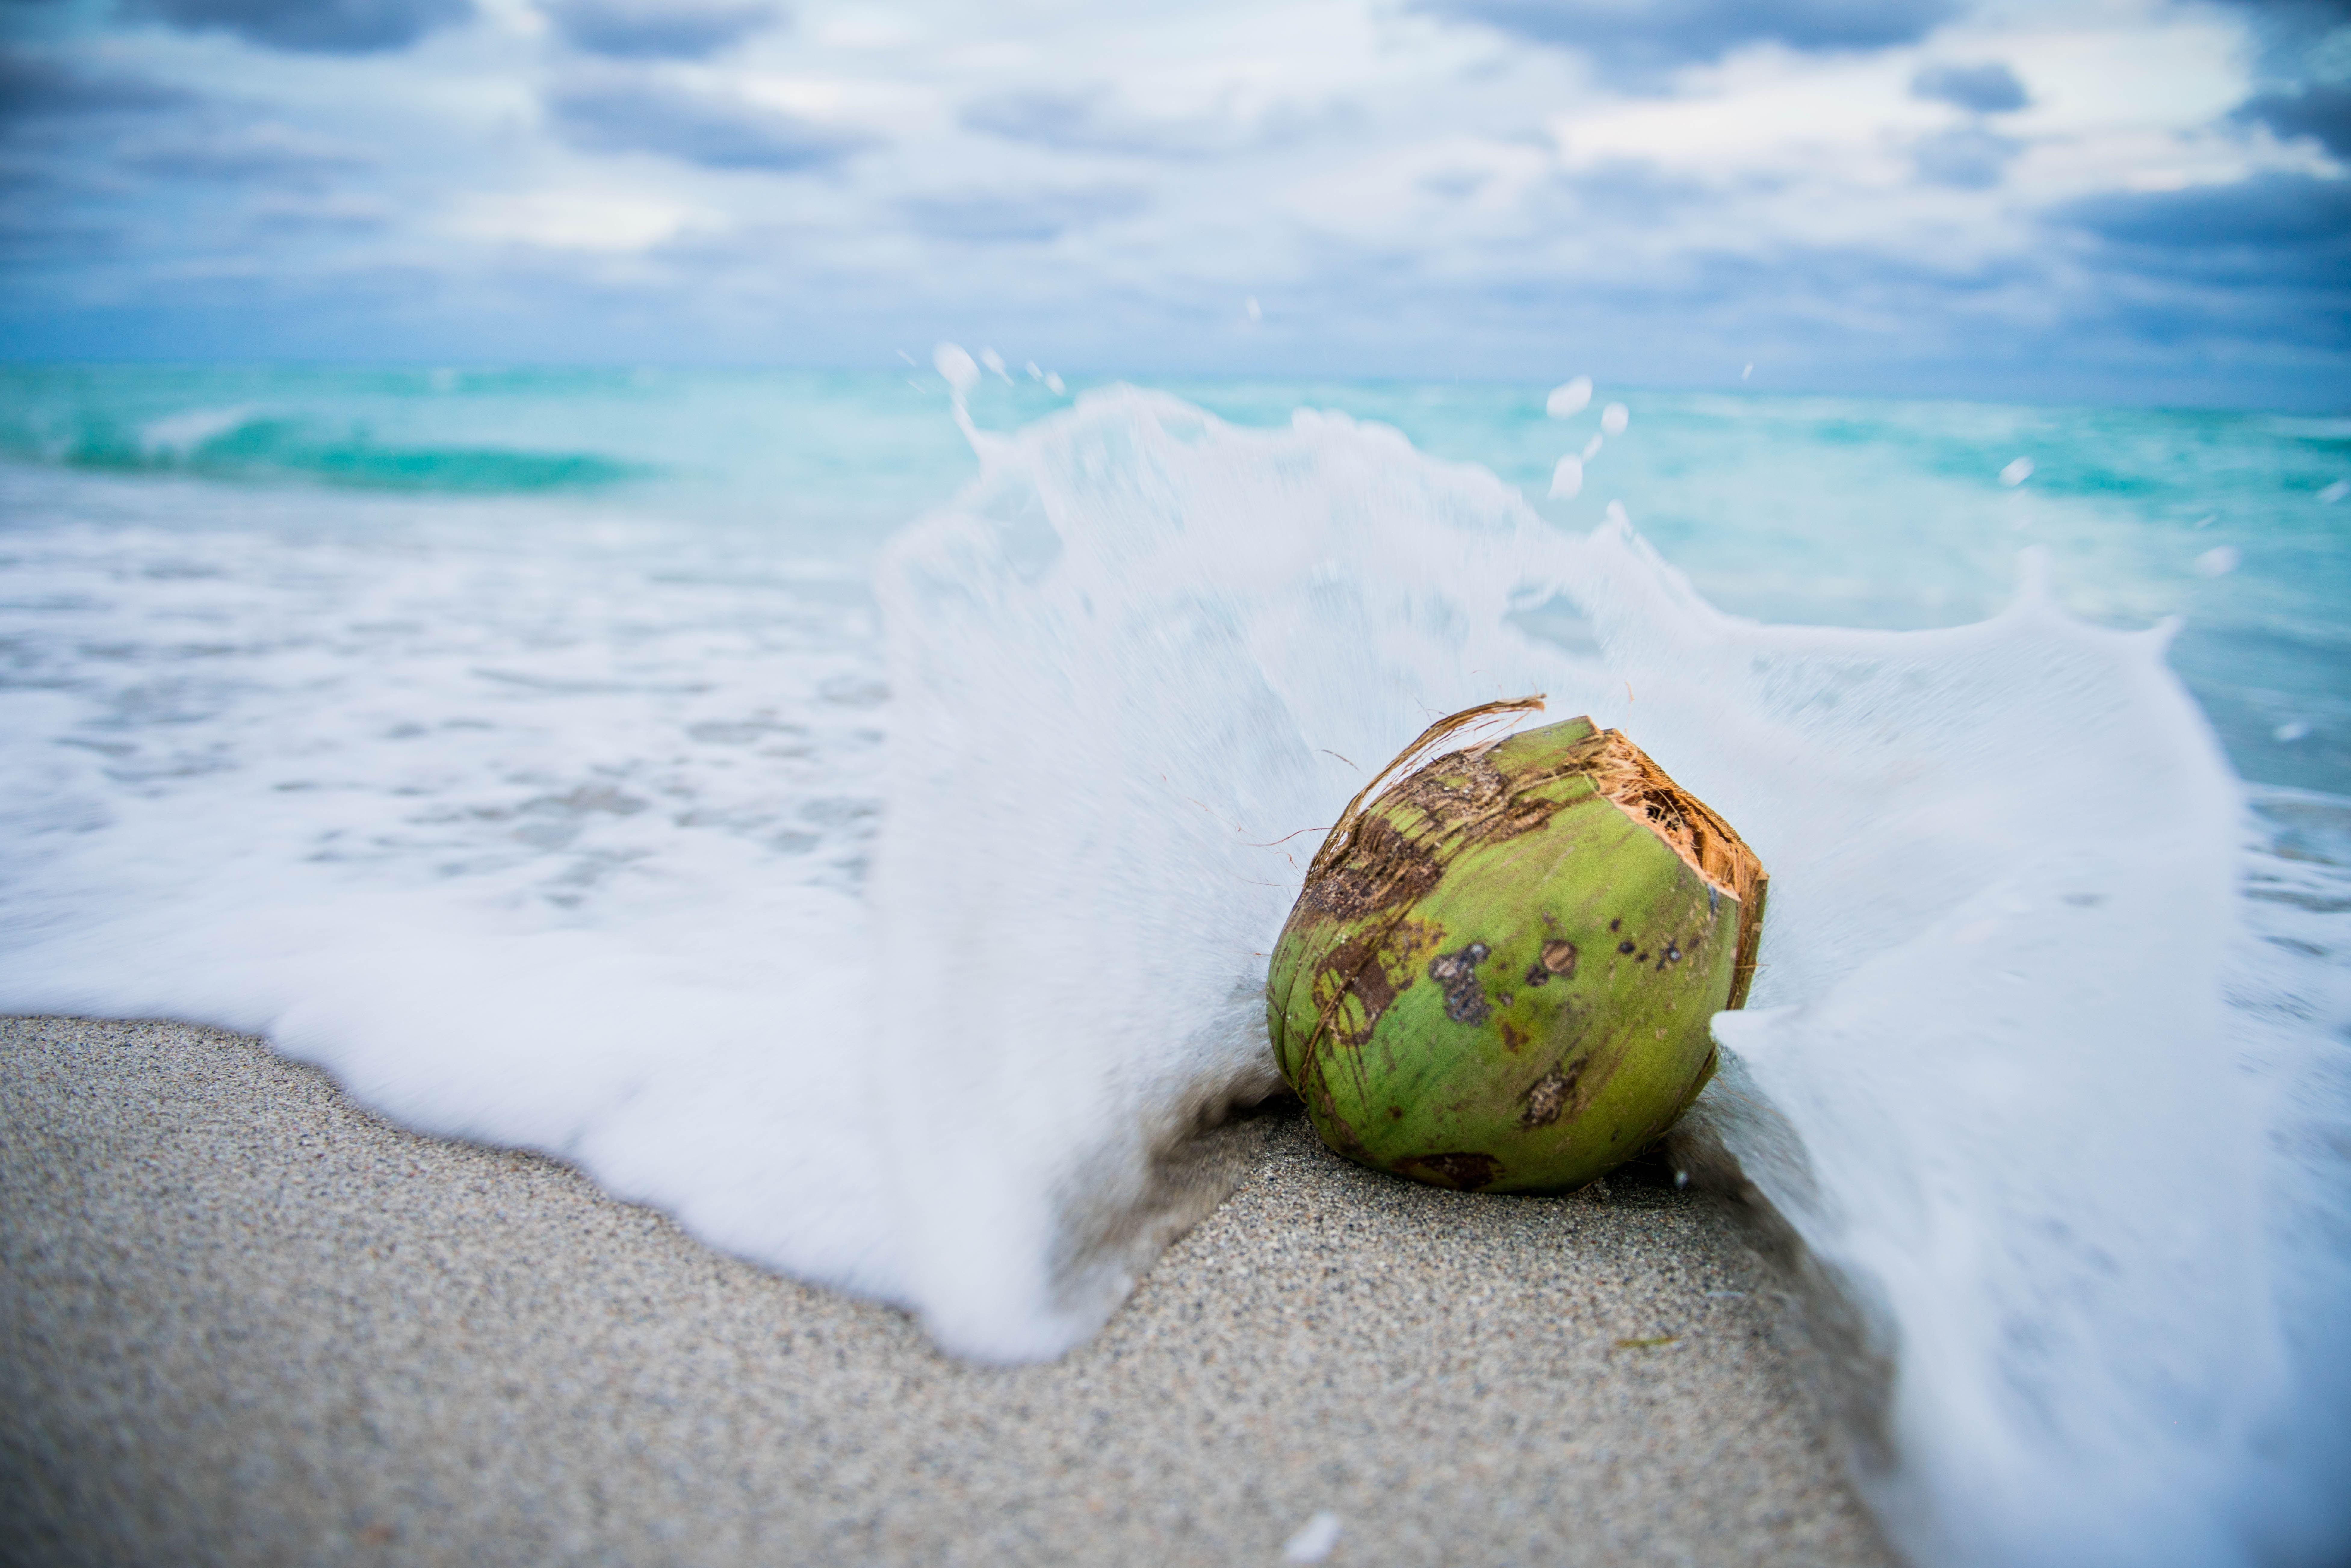 La noix de coco fait des merveilles